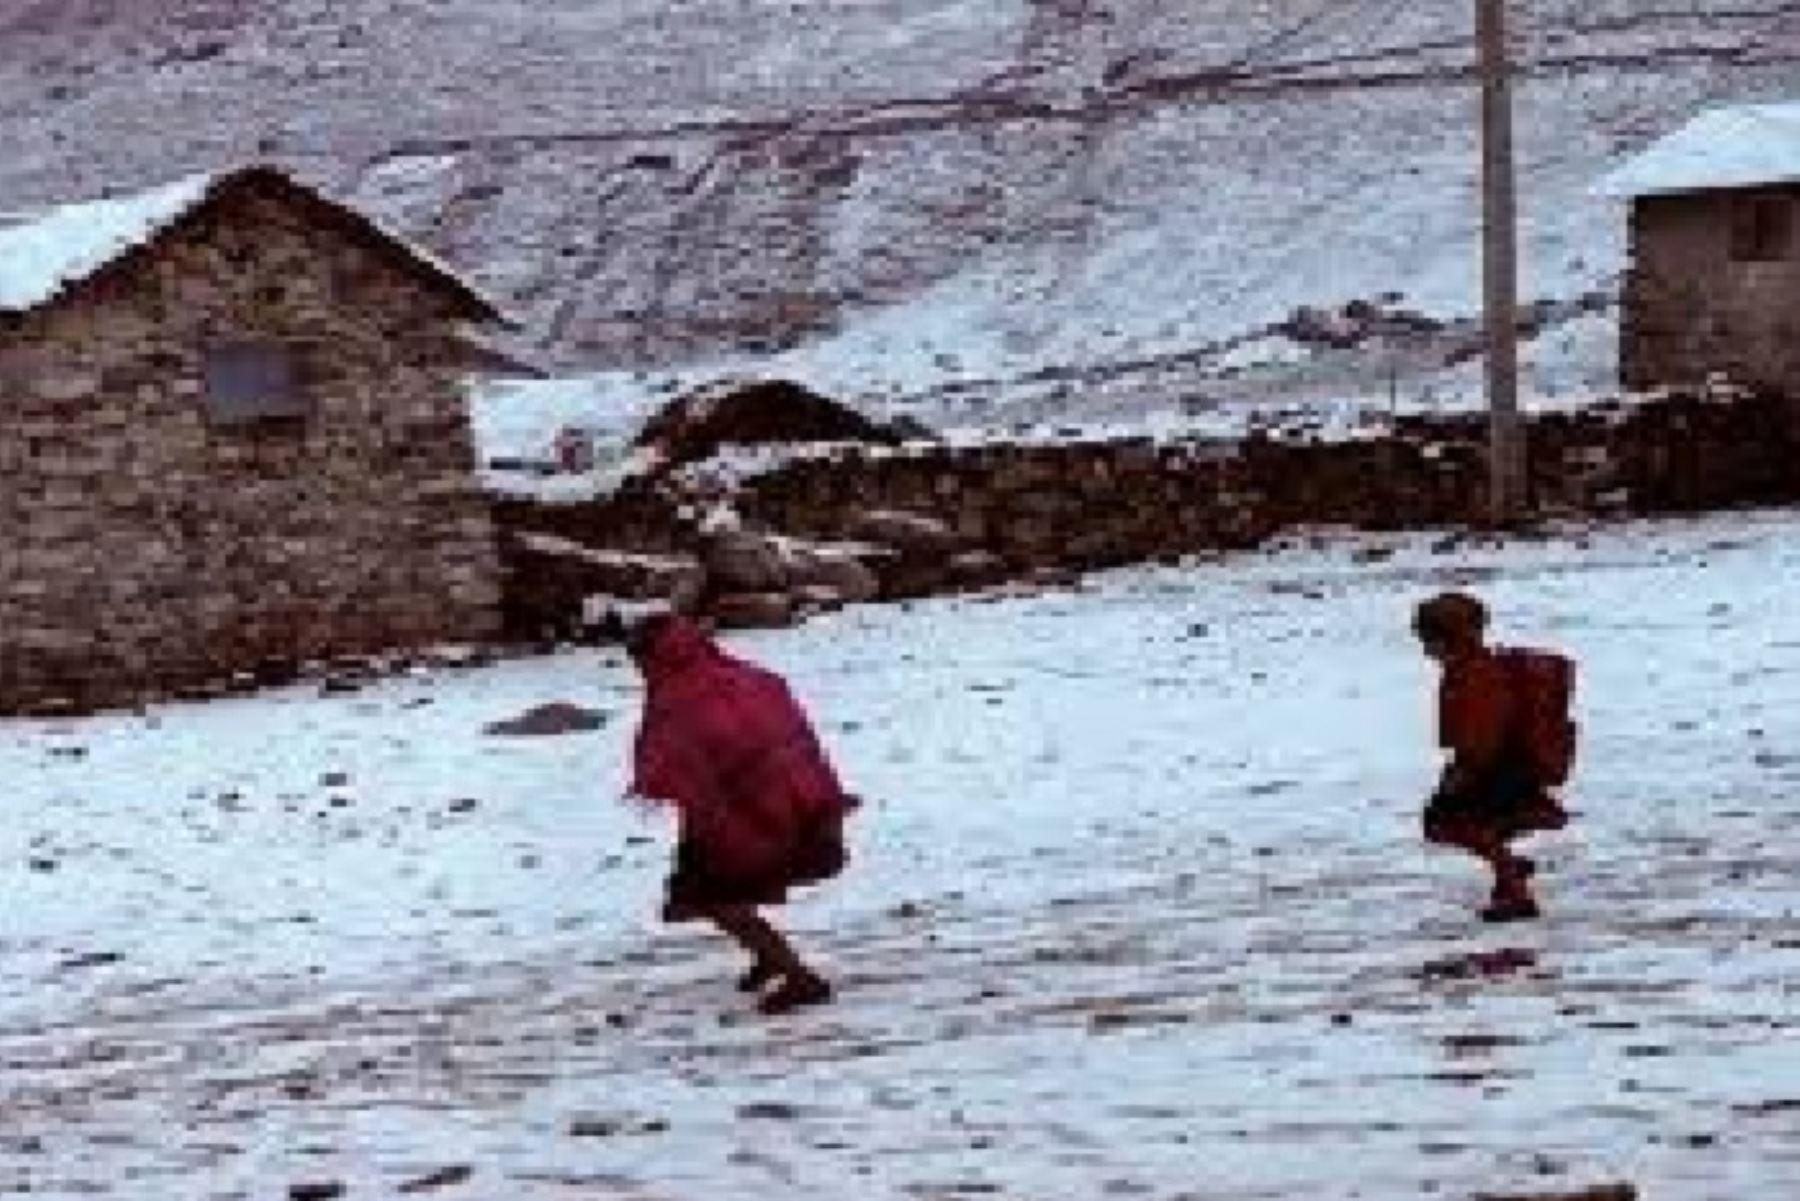 Un total de 48 distritos de las zonas altas de  la región Arequipa serán atendidos antes las bajas temperaturas. Foto: ANDINA/Difusión